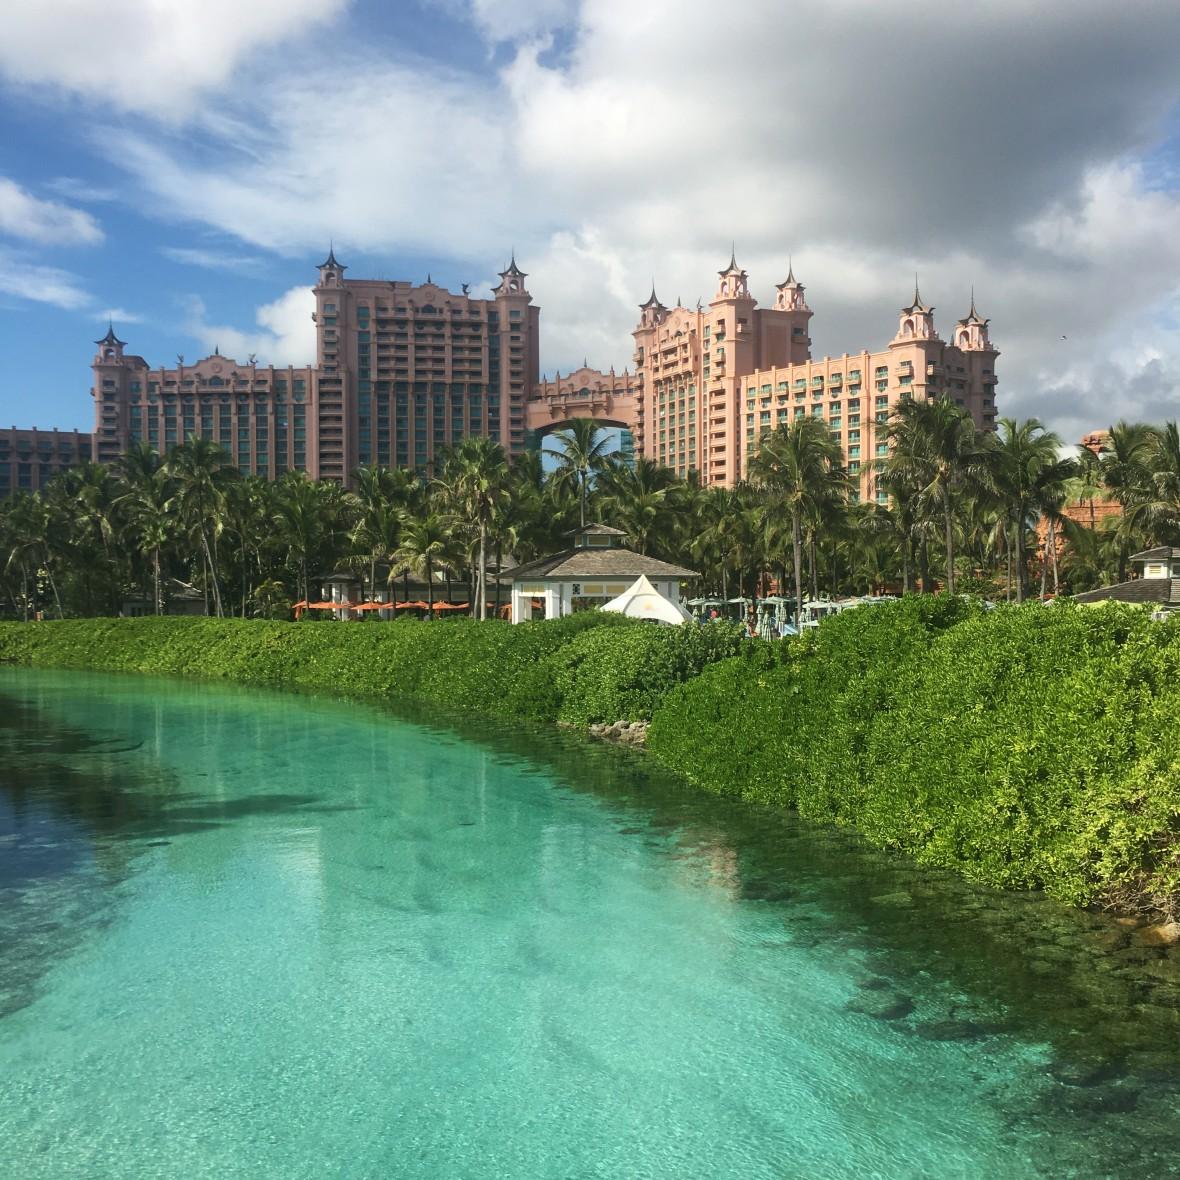 Royal Towers at Atlantis